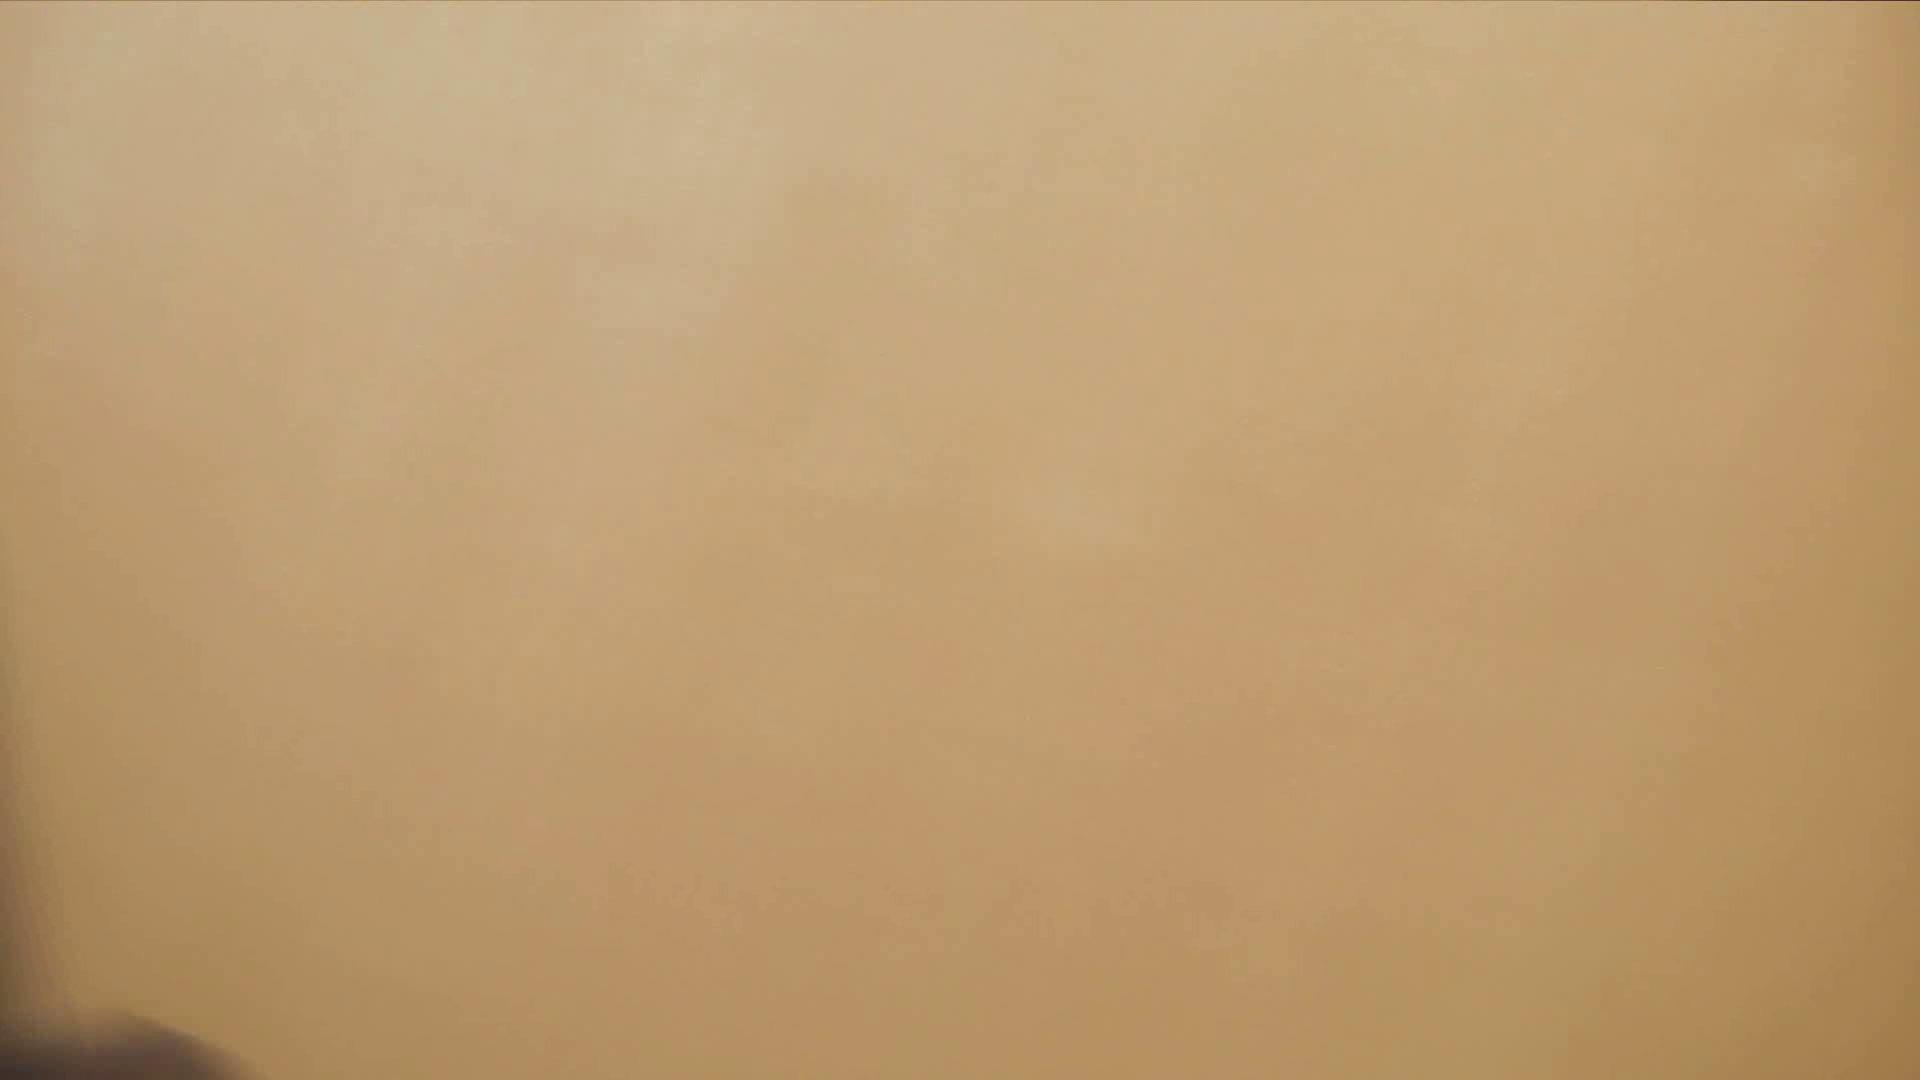 阿国ちゃんの「和式洋式七変化」No.17 洗面所   丸見えマンコ  95画像 40